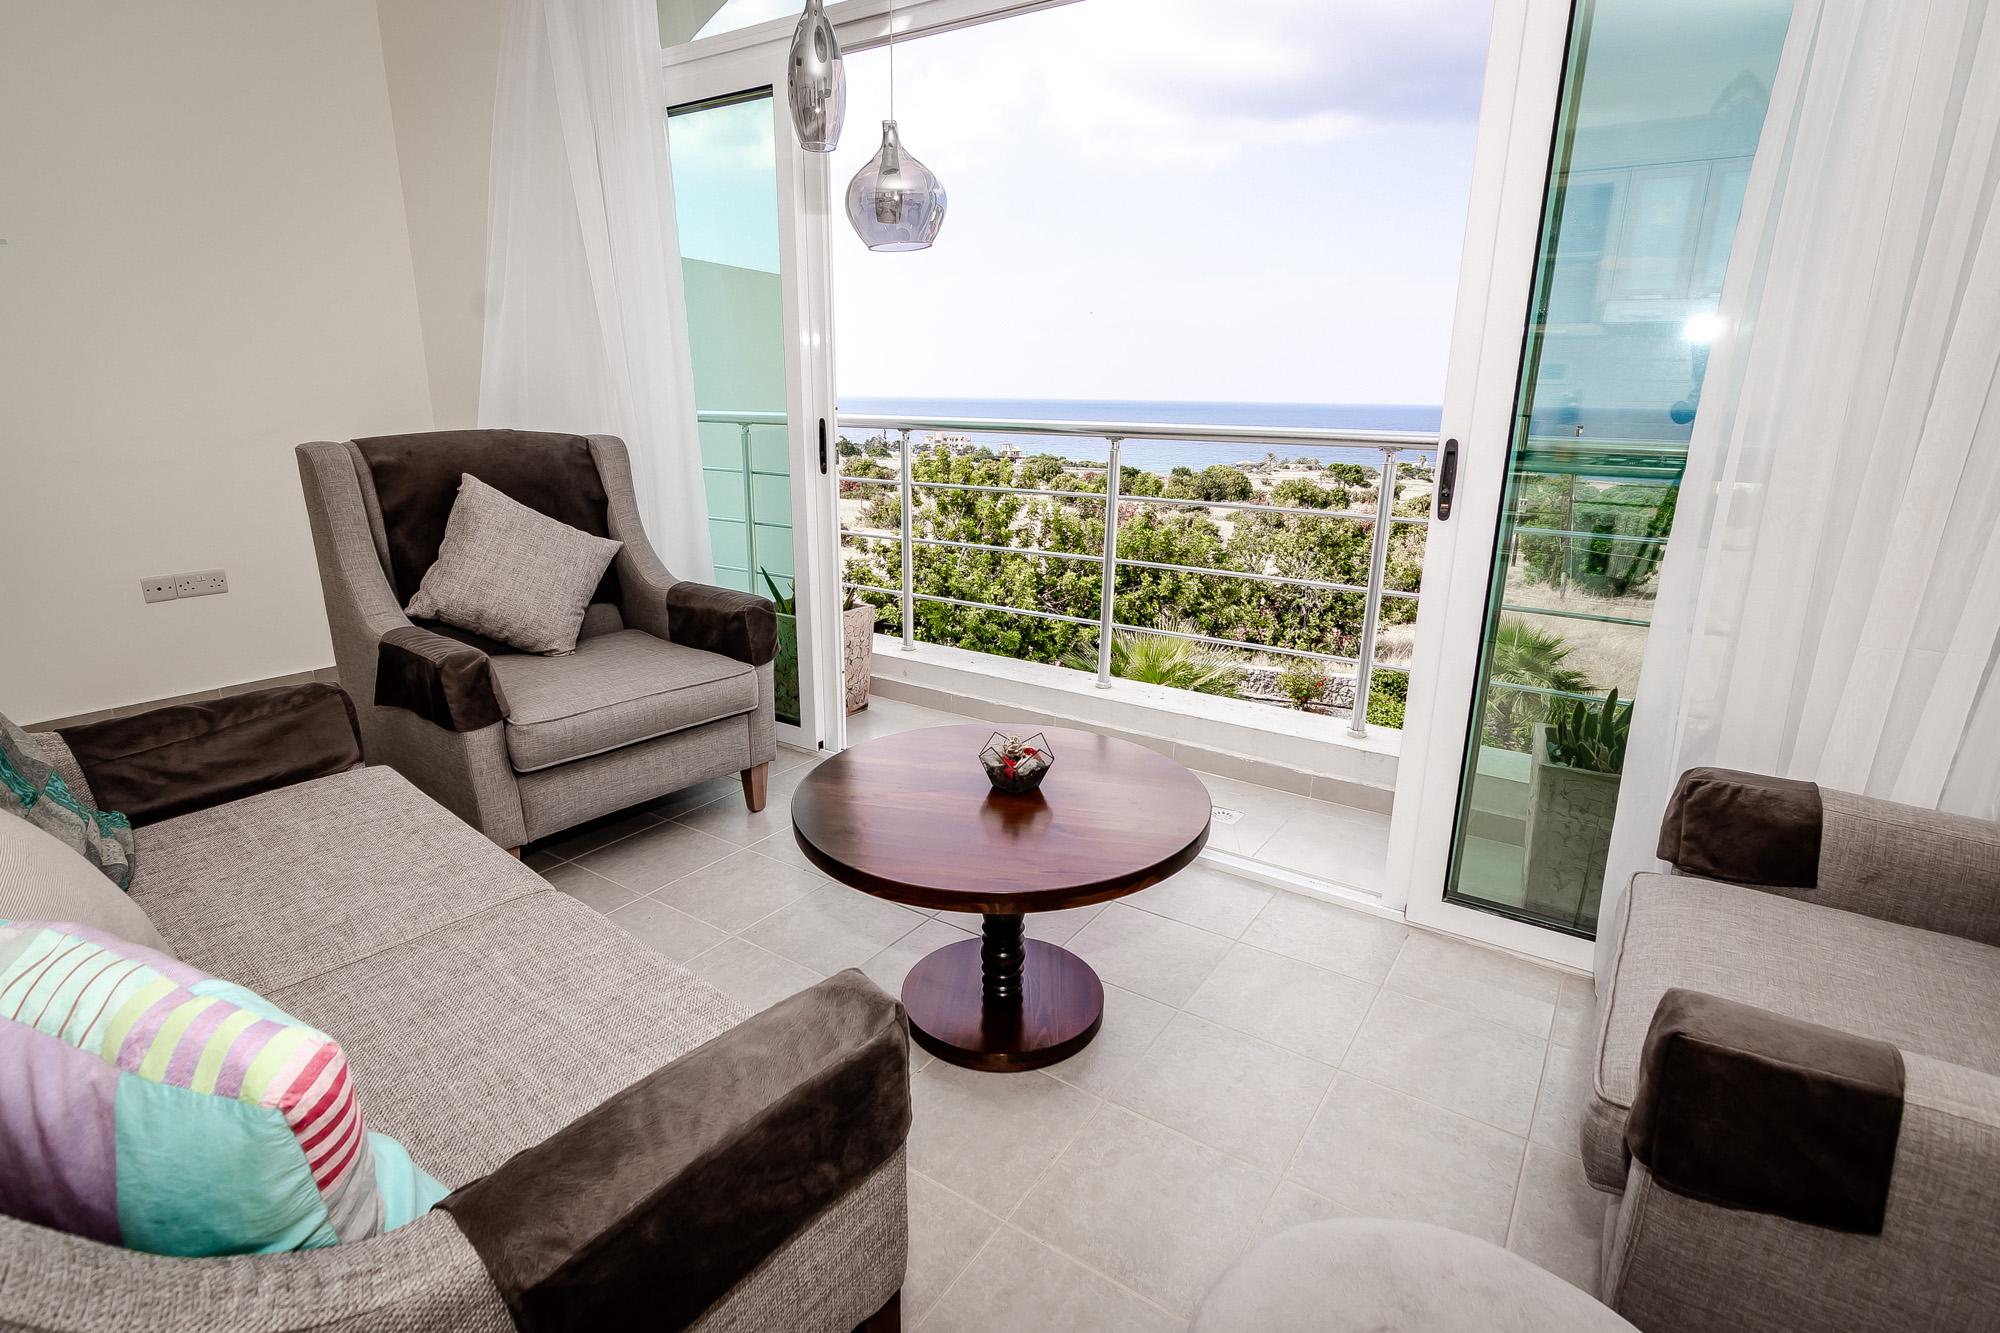 Apartment Joya Cyprus Moonlit Penthouse Apartment photo 20405554